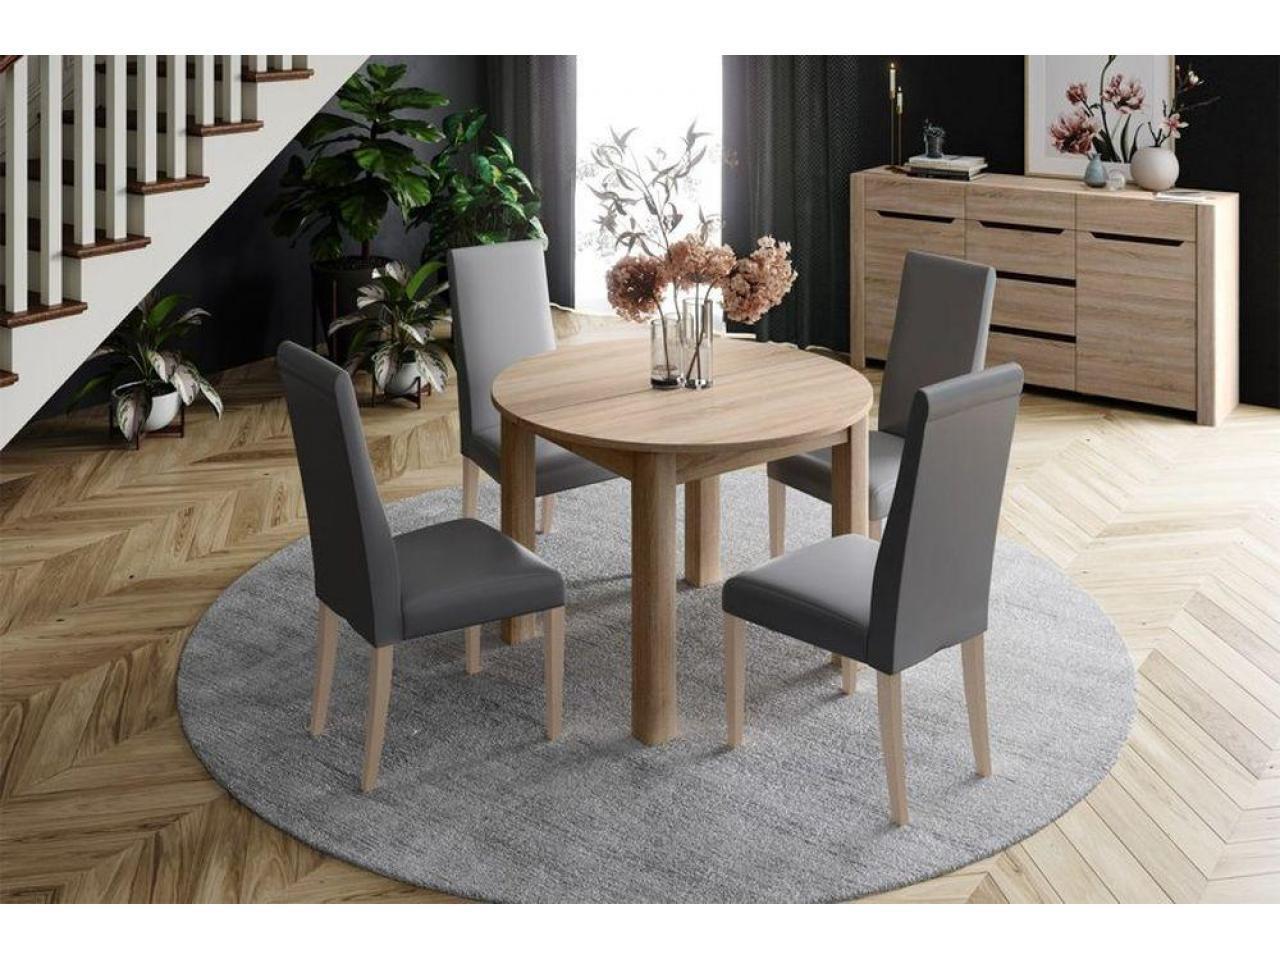 Furnipol-Польская мебель для дома с доставкой - 4